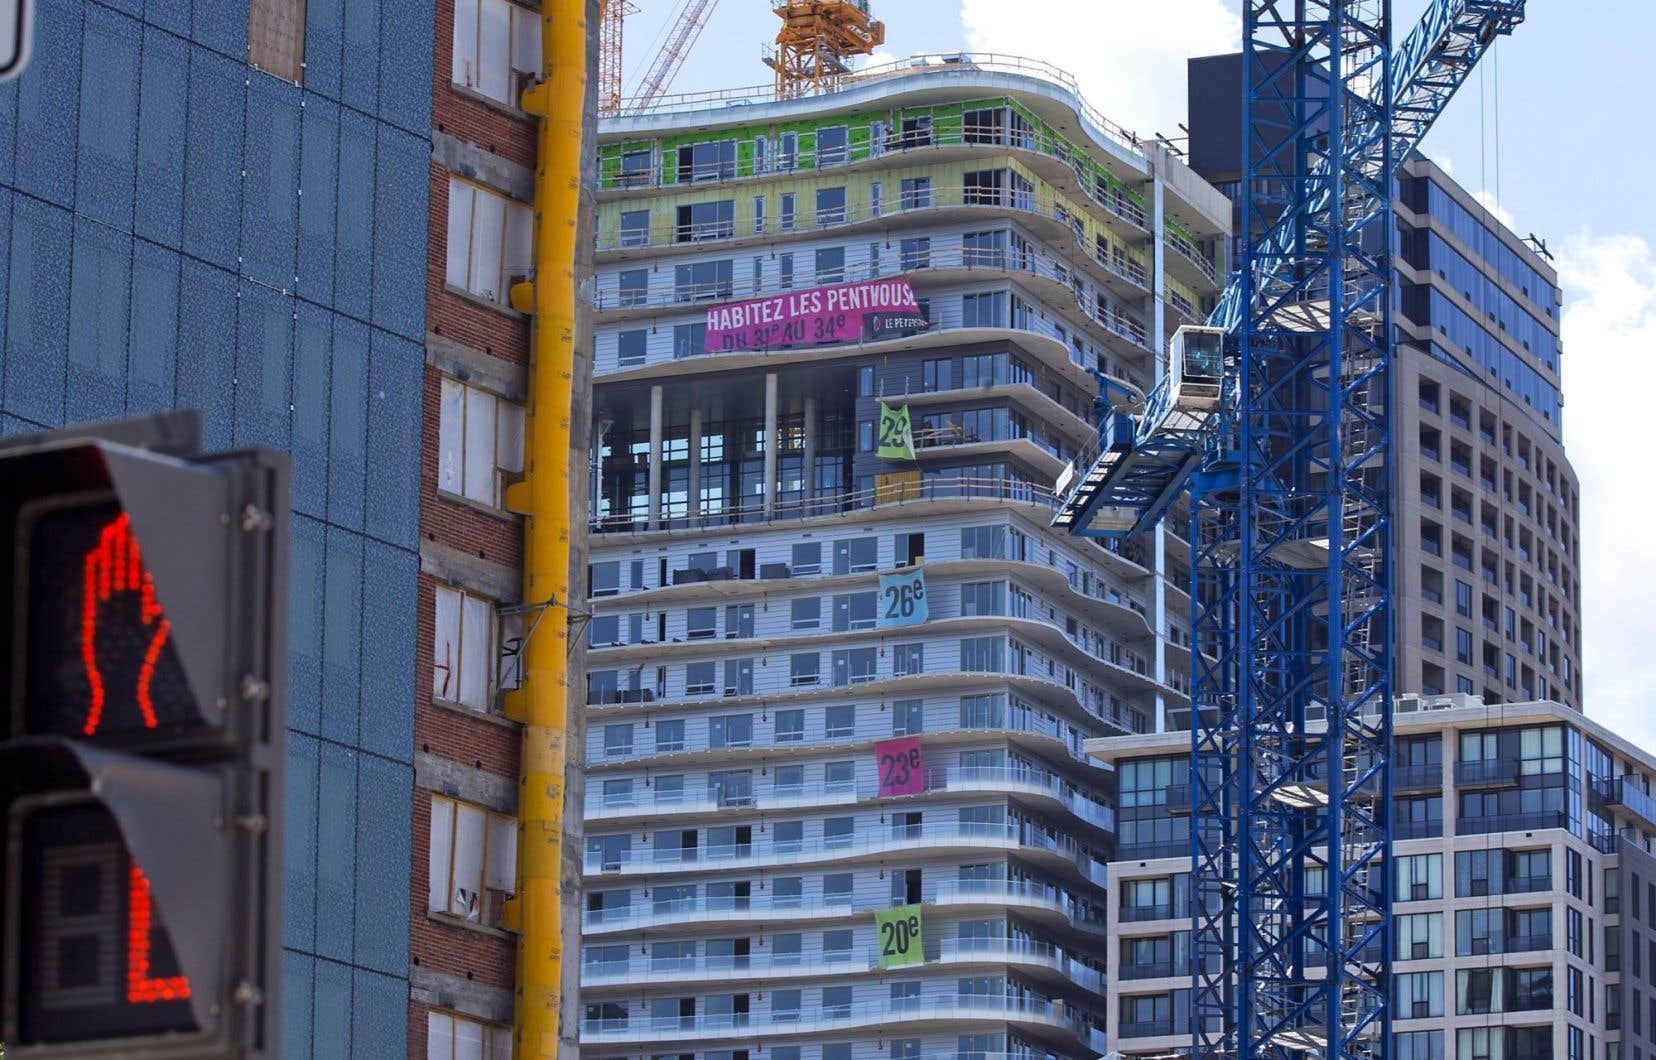 Les forts niveaux d'endettement, jumelés à la hausse des prix des maisons, sont souvent suivis de contractions de l'activité économique.